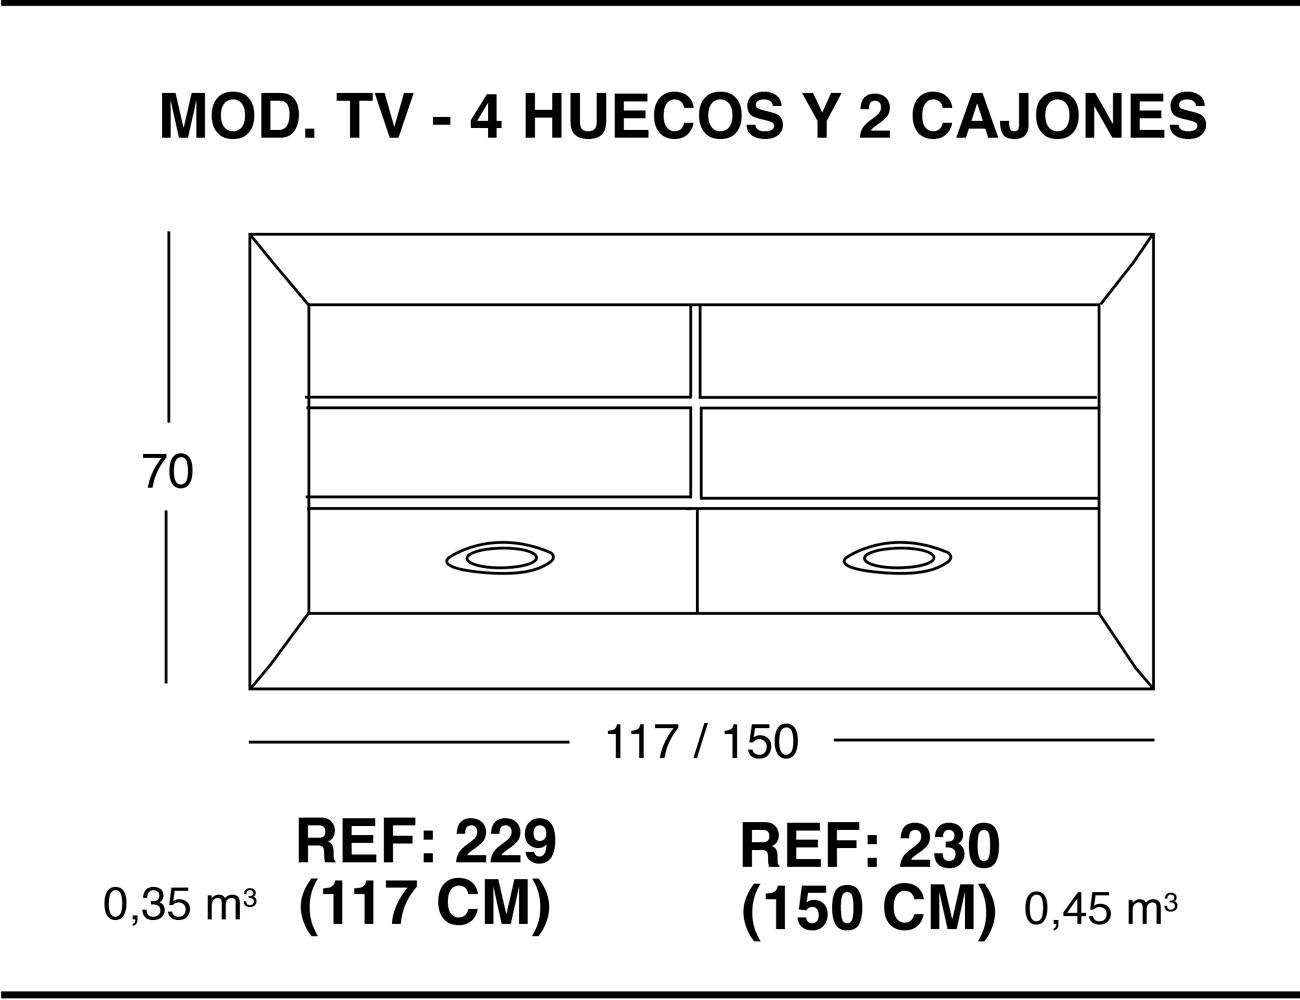 Modulo tv 4 huecos 2 cajones1